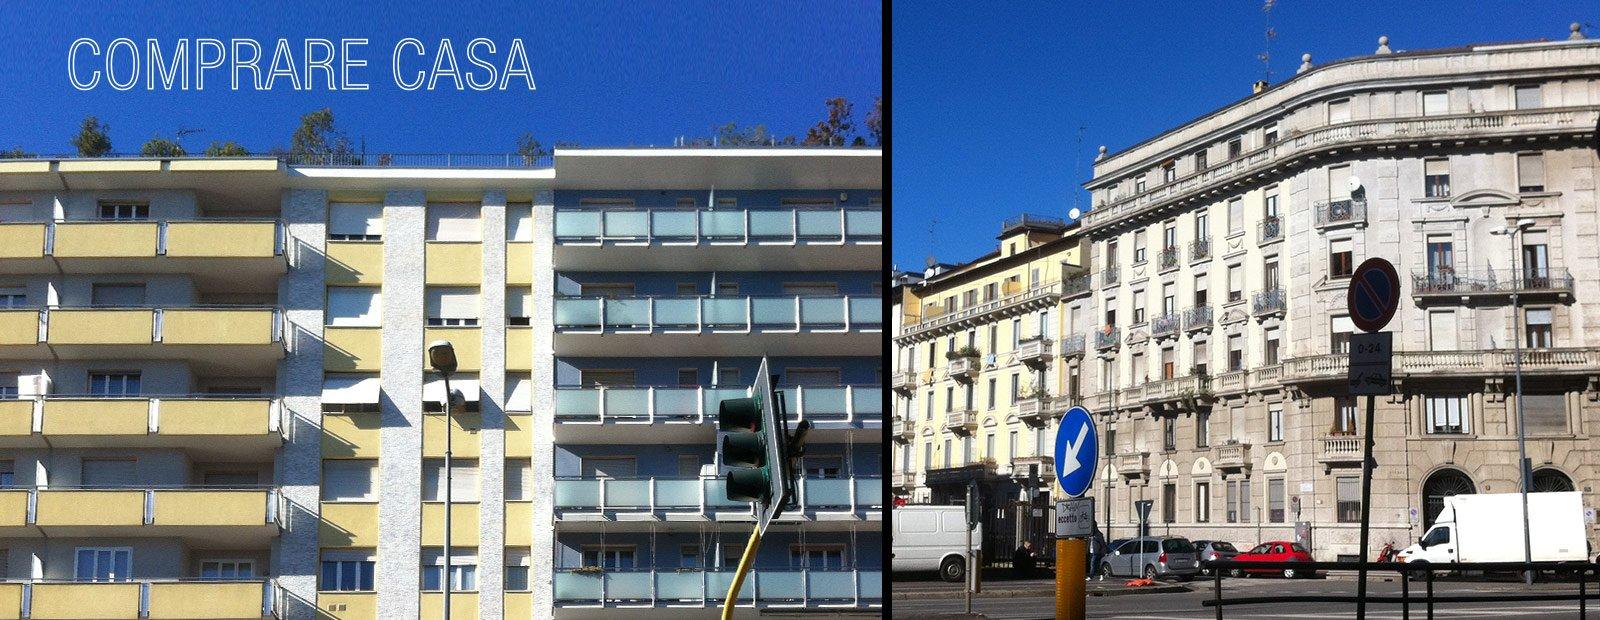 Comprare casa valutare box auto e parcheggi condominiali - Comprare casa in norvegia ...